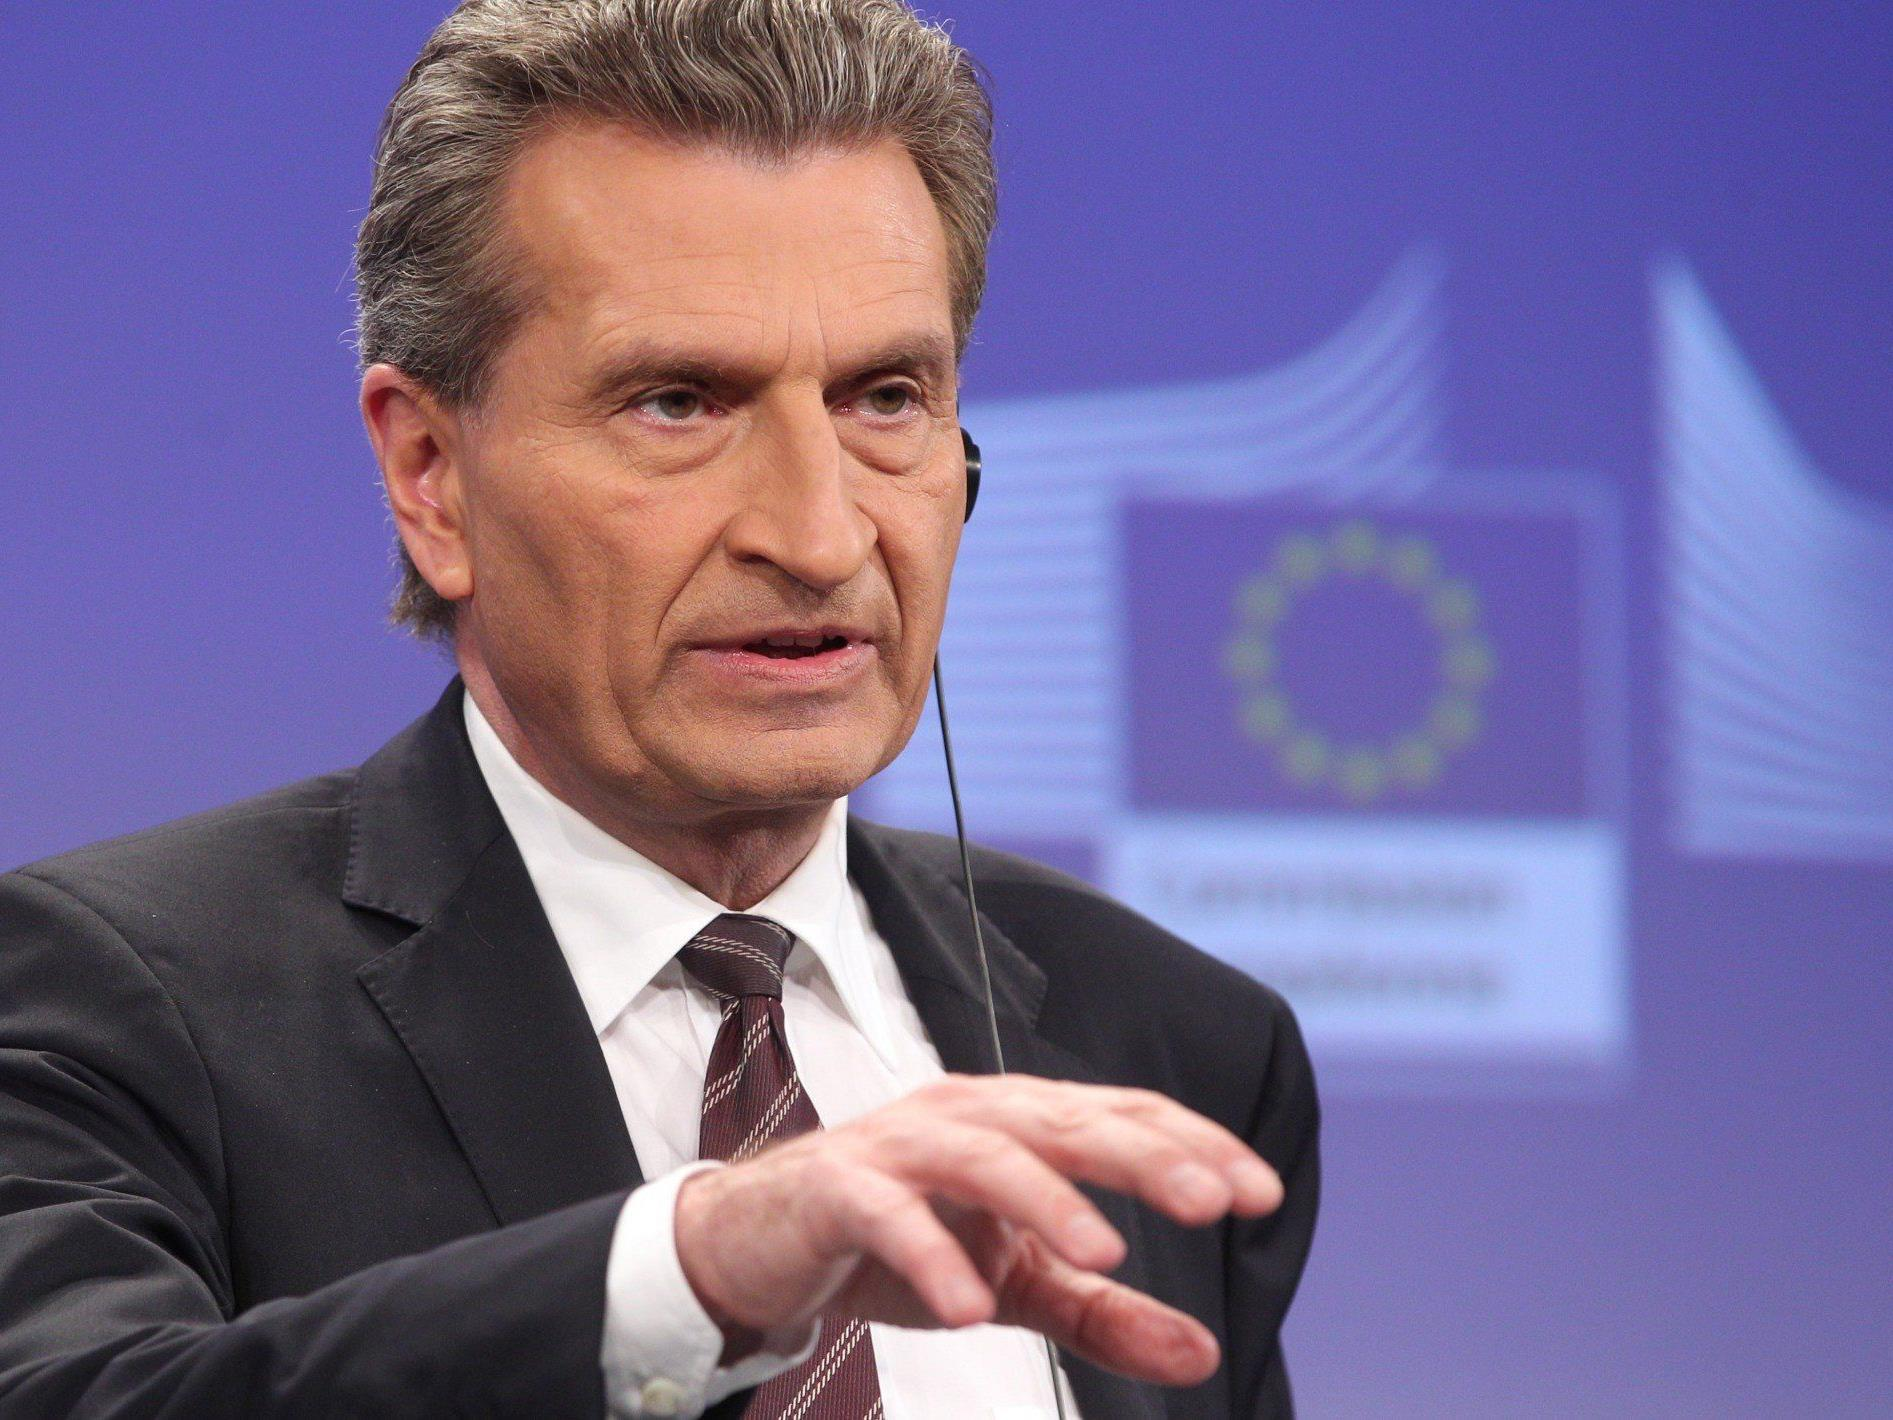 Atomkraft, Fracking und Kohle erregt Unmut der Vorarlberger Oppositionsparteien.